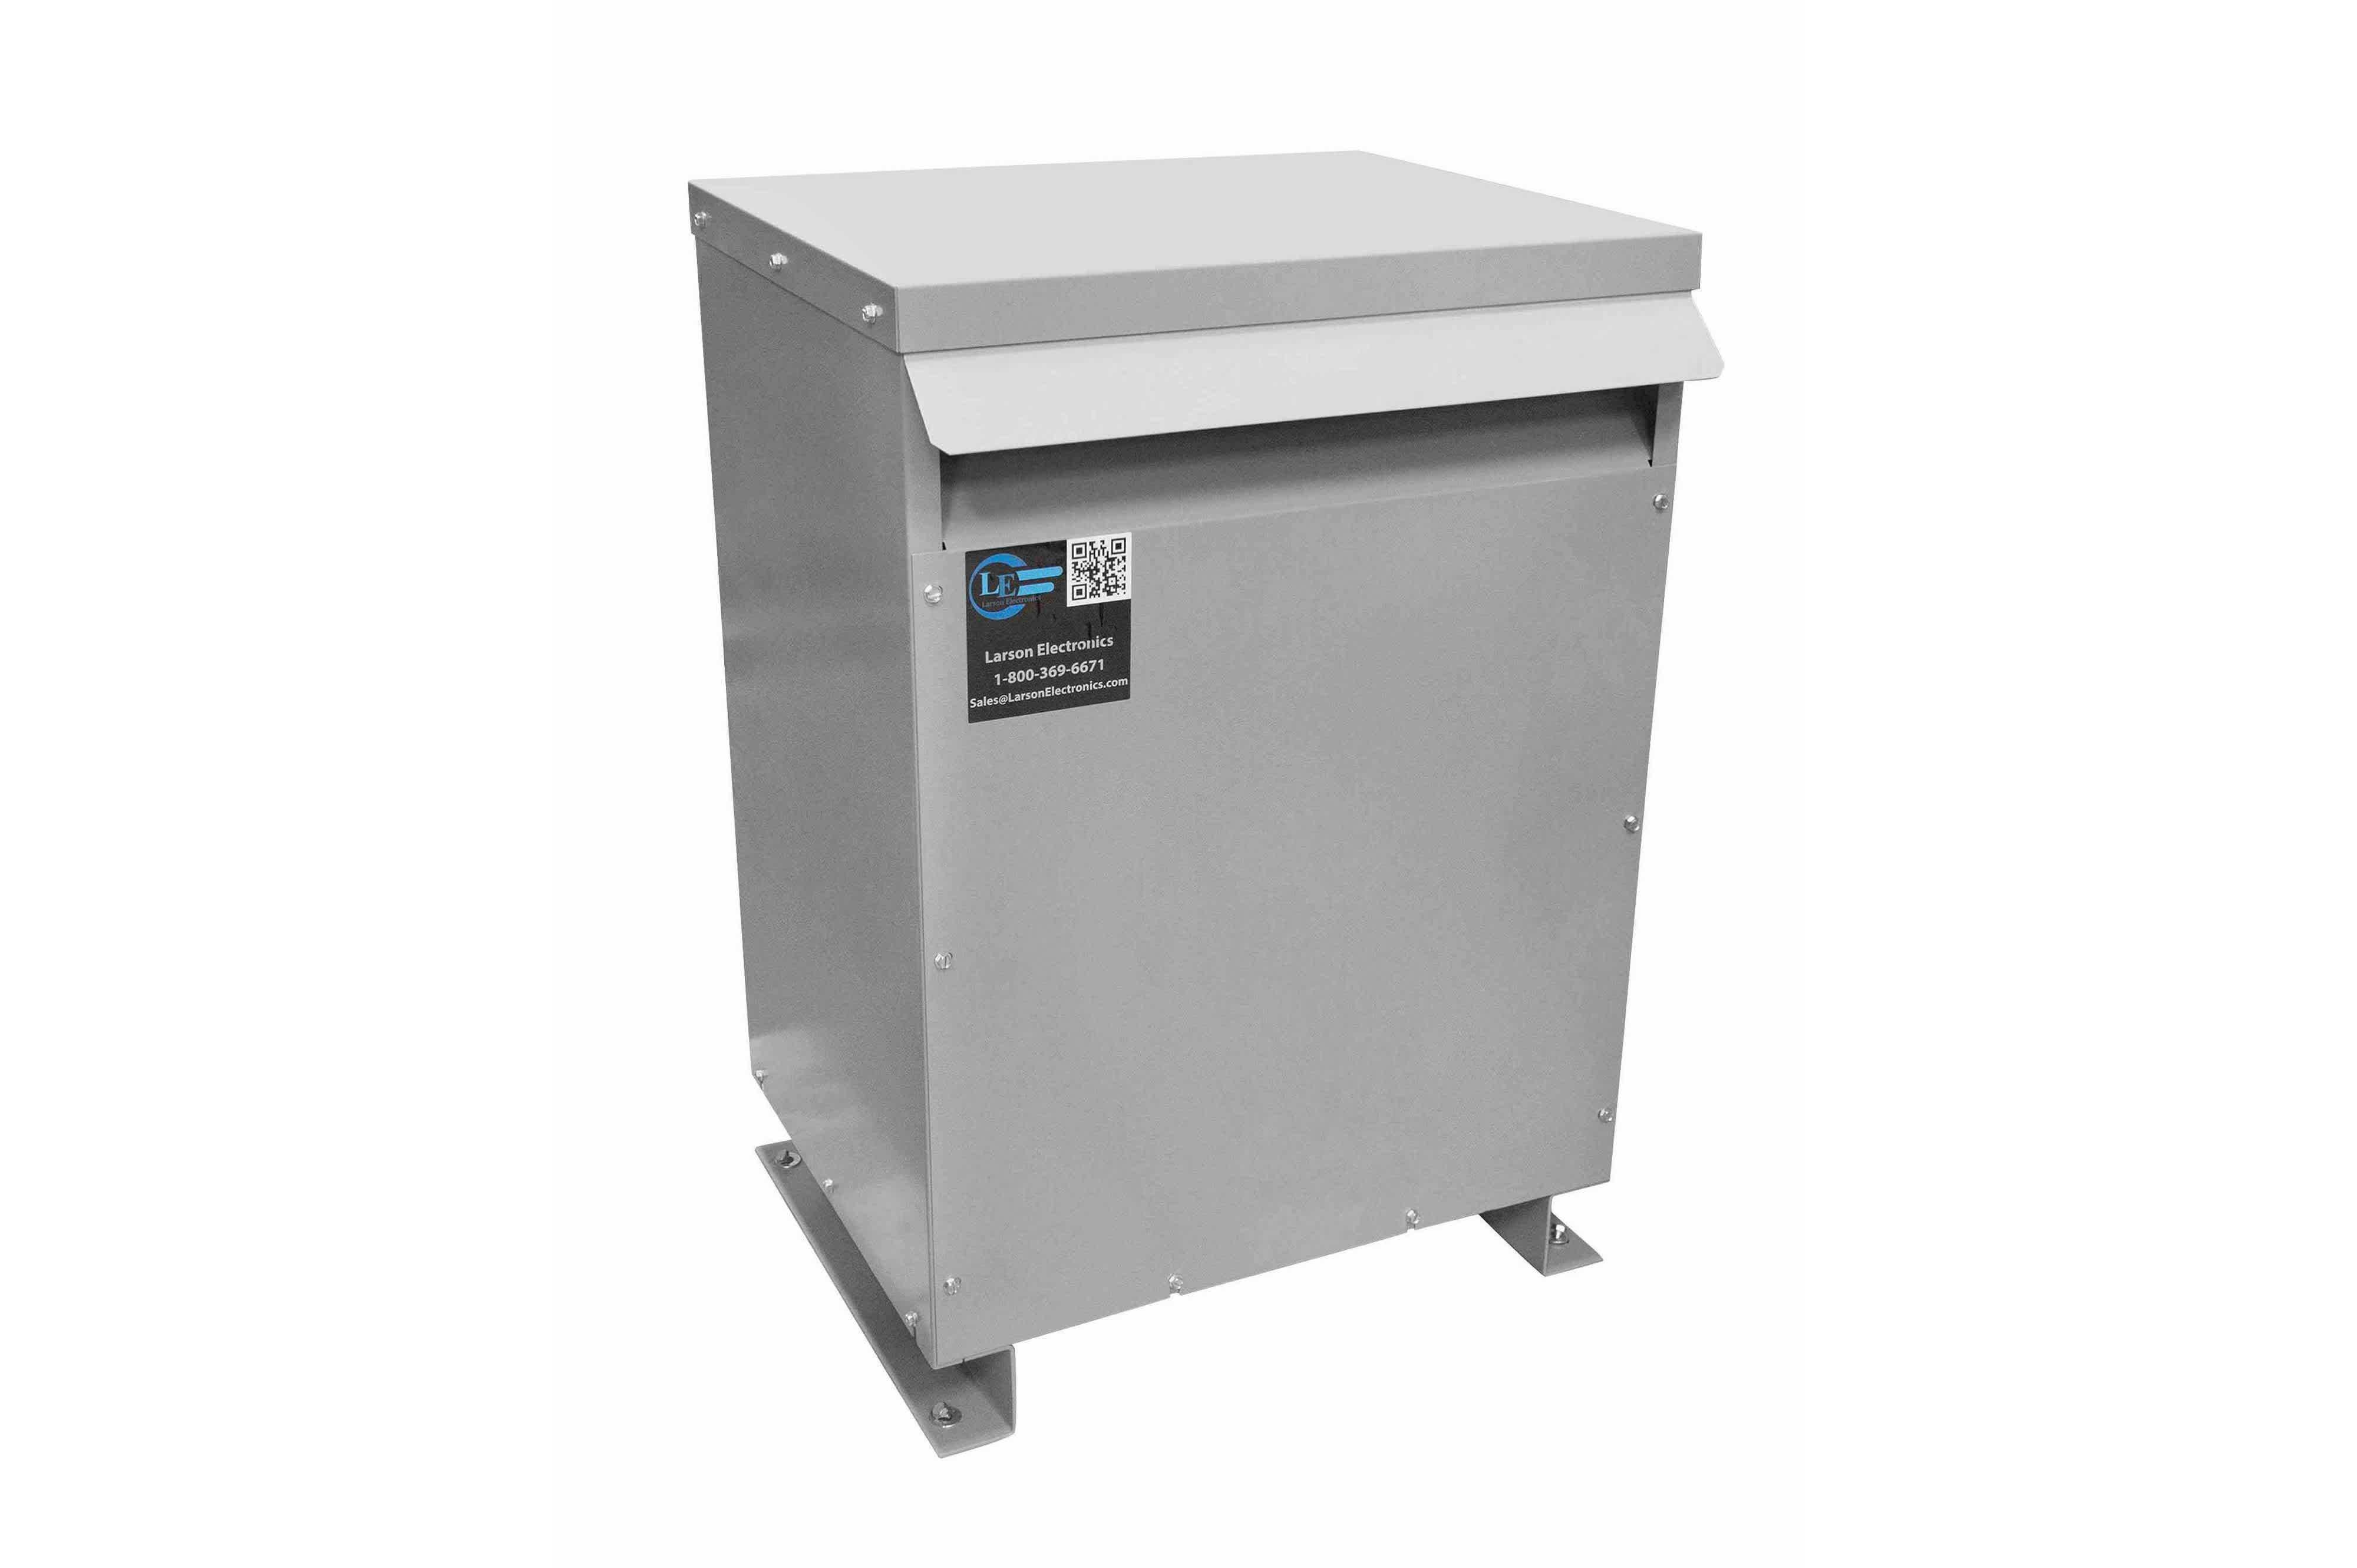 18 kVA 3PH Isolation Transformer, 460V Delta Primary, 600V Delta Secondary, N3R, Ventilated, 60 Hz